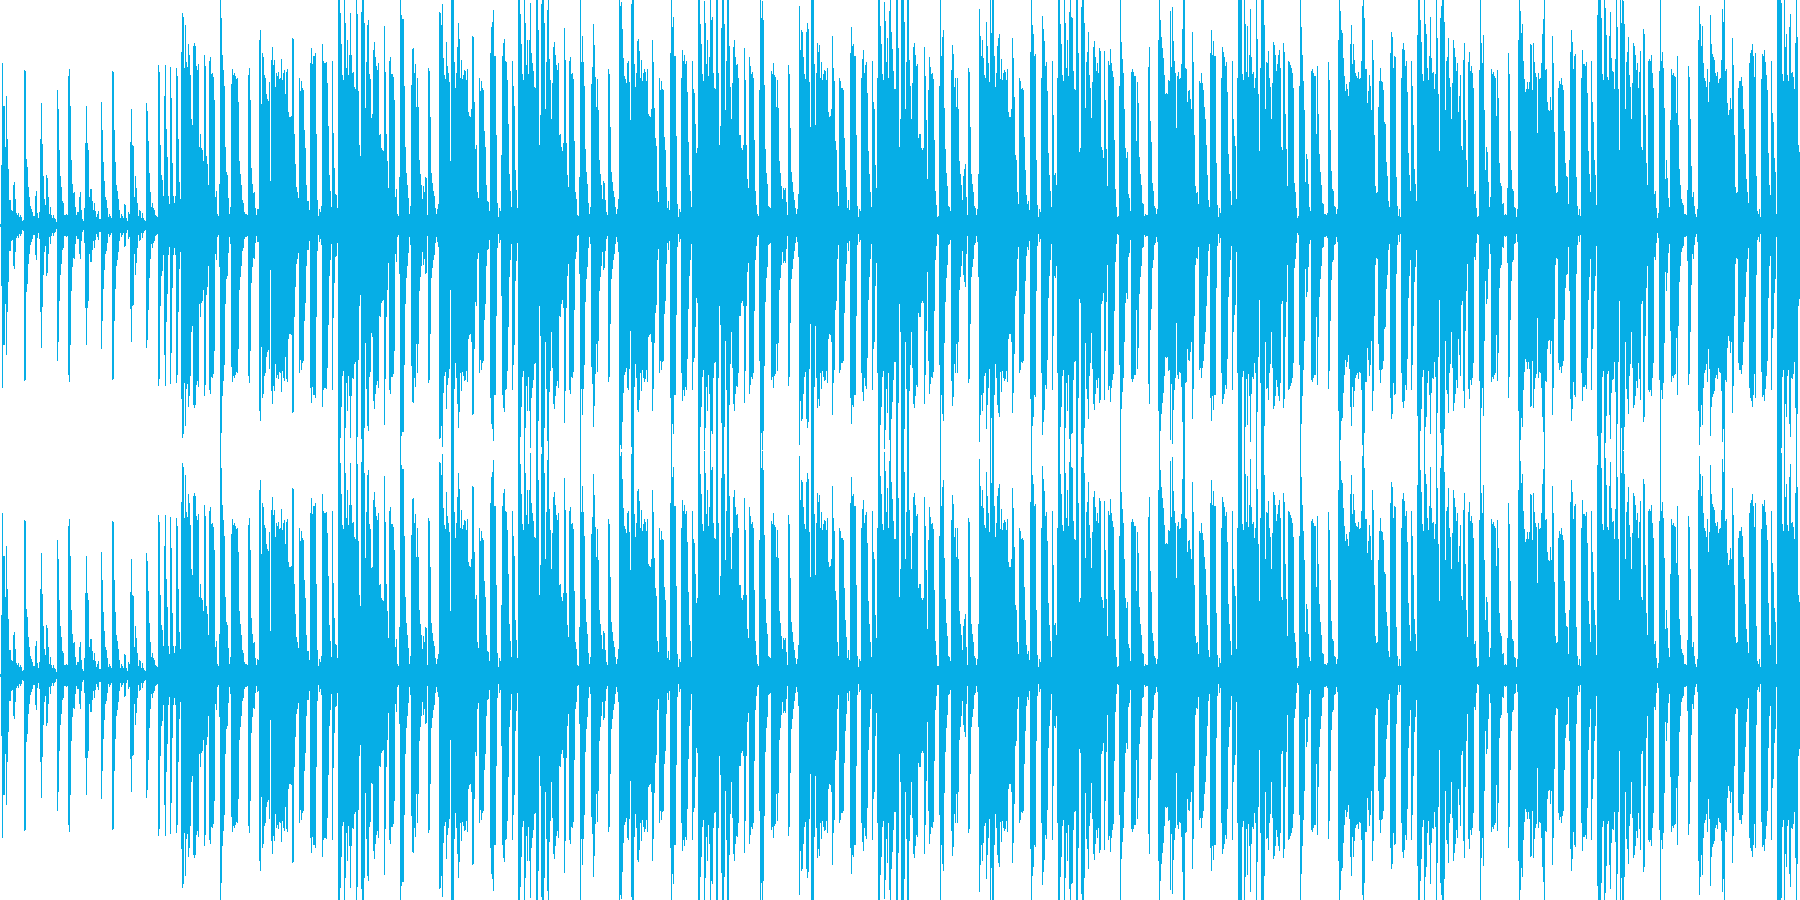 【日常系ミドルテンポファンク】の再生済みの波形